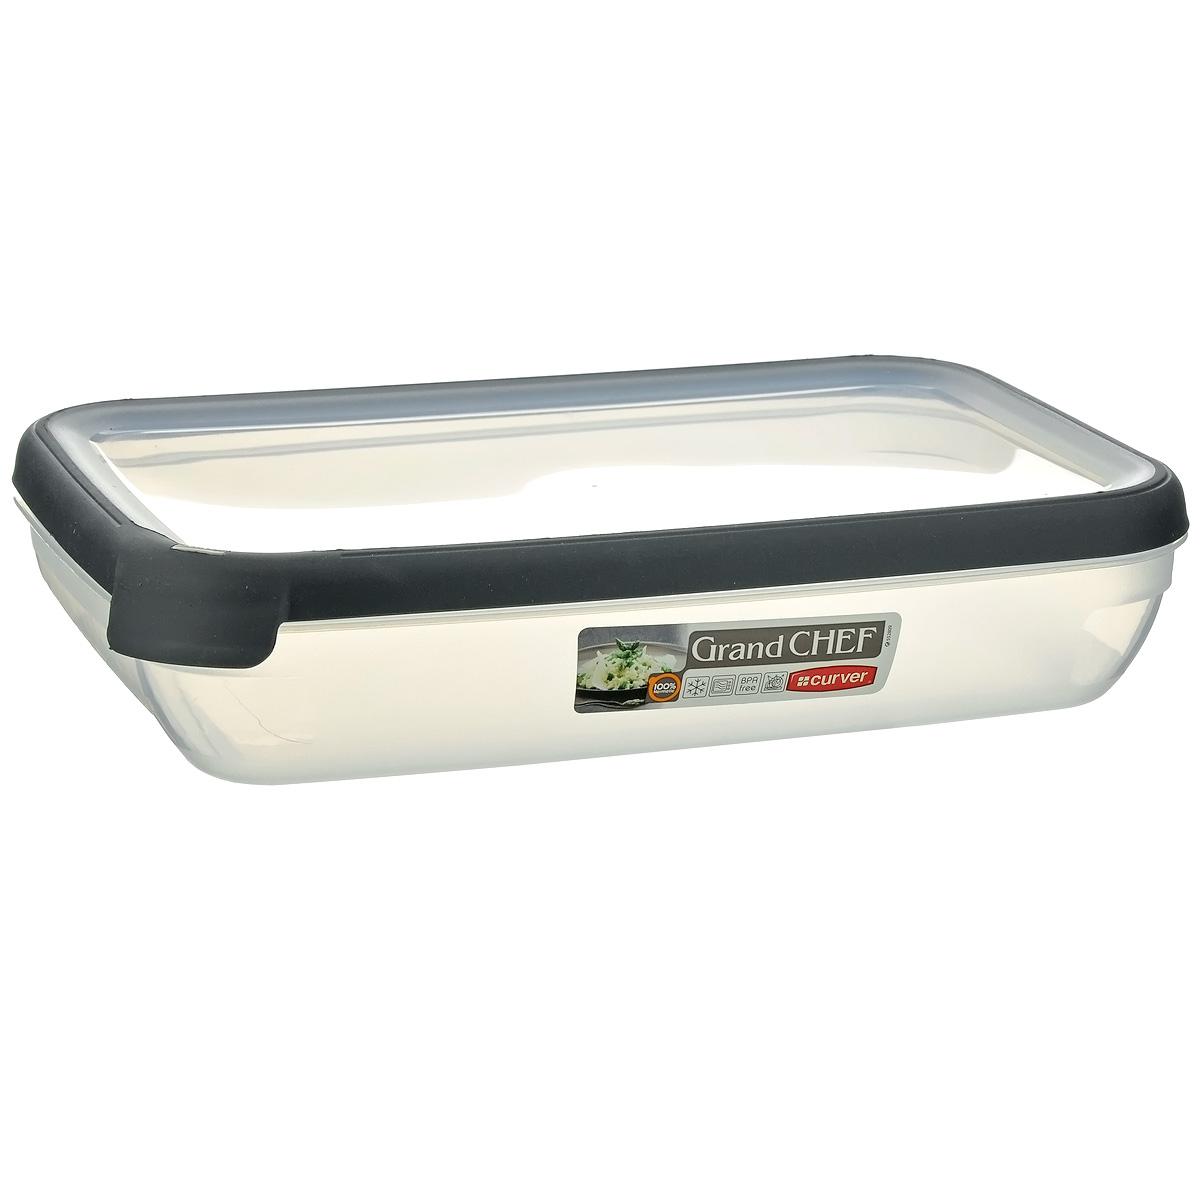 Емкость для заморозки и СВЧ Curver Grand Chef, цвет: серый, 2,6 л9927-TRCПрямоугольная емкость для заморозки и СВЧ Grand Chef изготовлена из высококачественного пищевого пластика (BPA free), который выдерживает температуру от -40°С до +100°С. Стенки емкости и крышка прозрачные. Крышка по краю оснащена силиконовой вставкой, благодаря которой плотно и герметично закрывается, дольше сохраняя продукты свежими и вкусными. Емкость удобно брать с собой на пикник, дачу, в поход или просто использовать для хранения пищи в холодильнике.Можно использовать в микроволновой печи и для заморозки в морозильной камере. Можно мыть в посудомоечной машине.